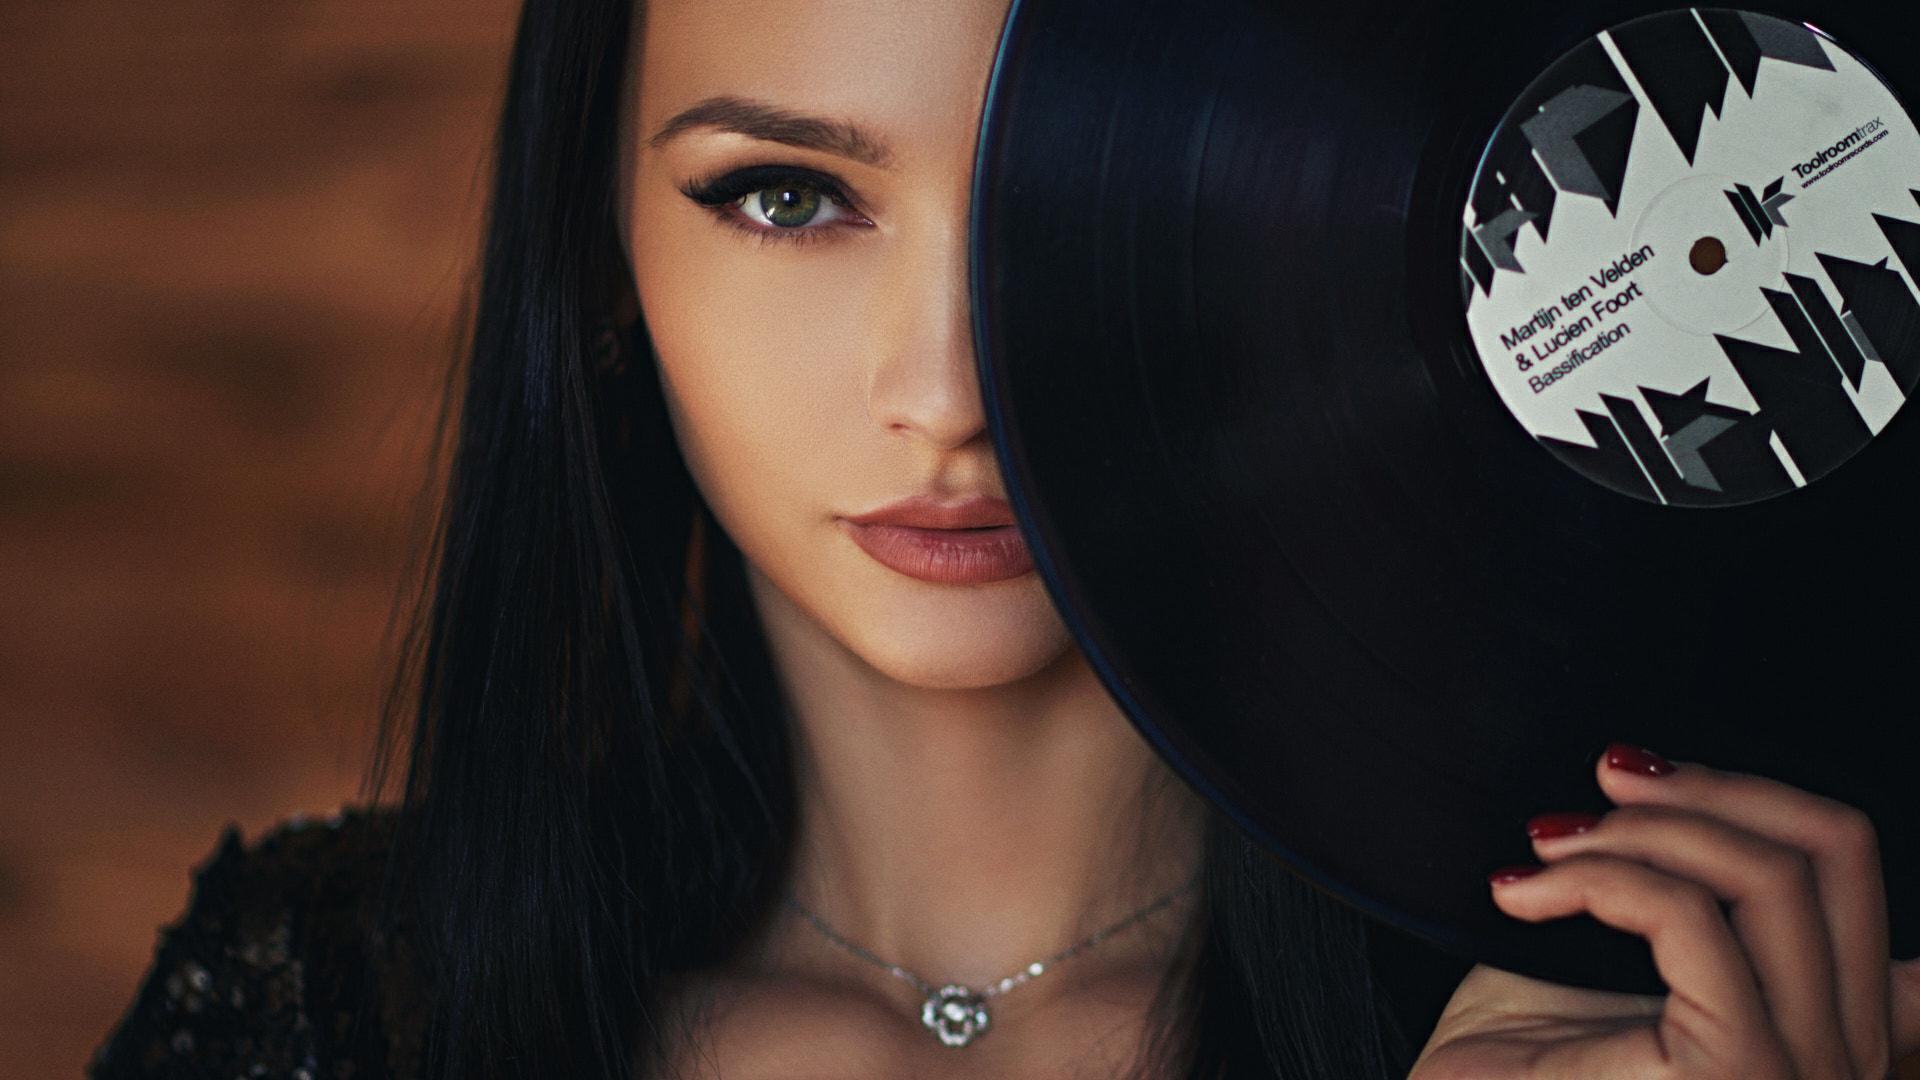 Sergey Fat Women Kseniya Alekseevskaya Dark Hair Vinyl Portrait Necklace Red Nails Green Eyes 1920x1080